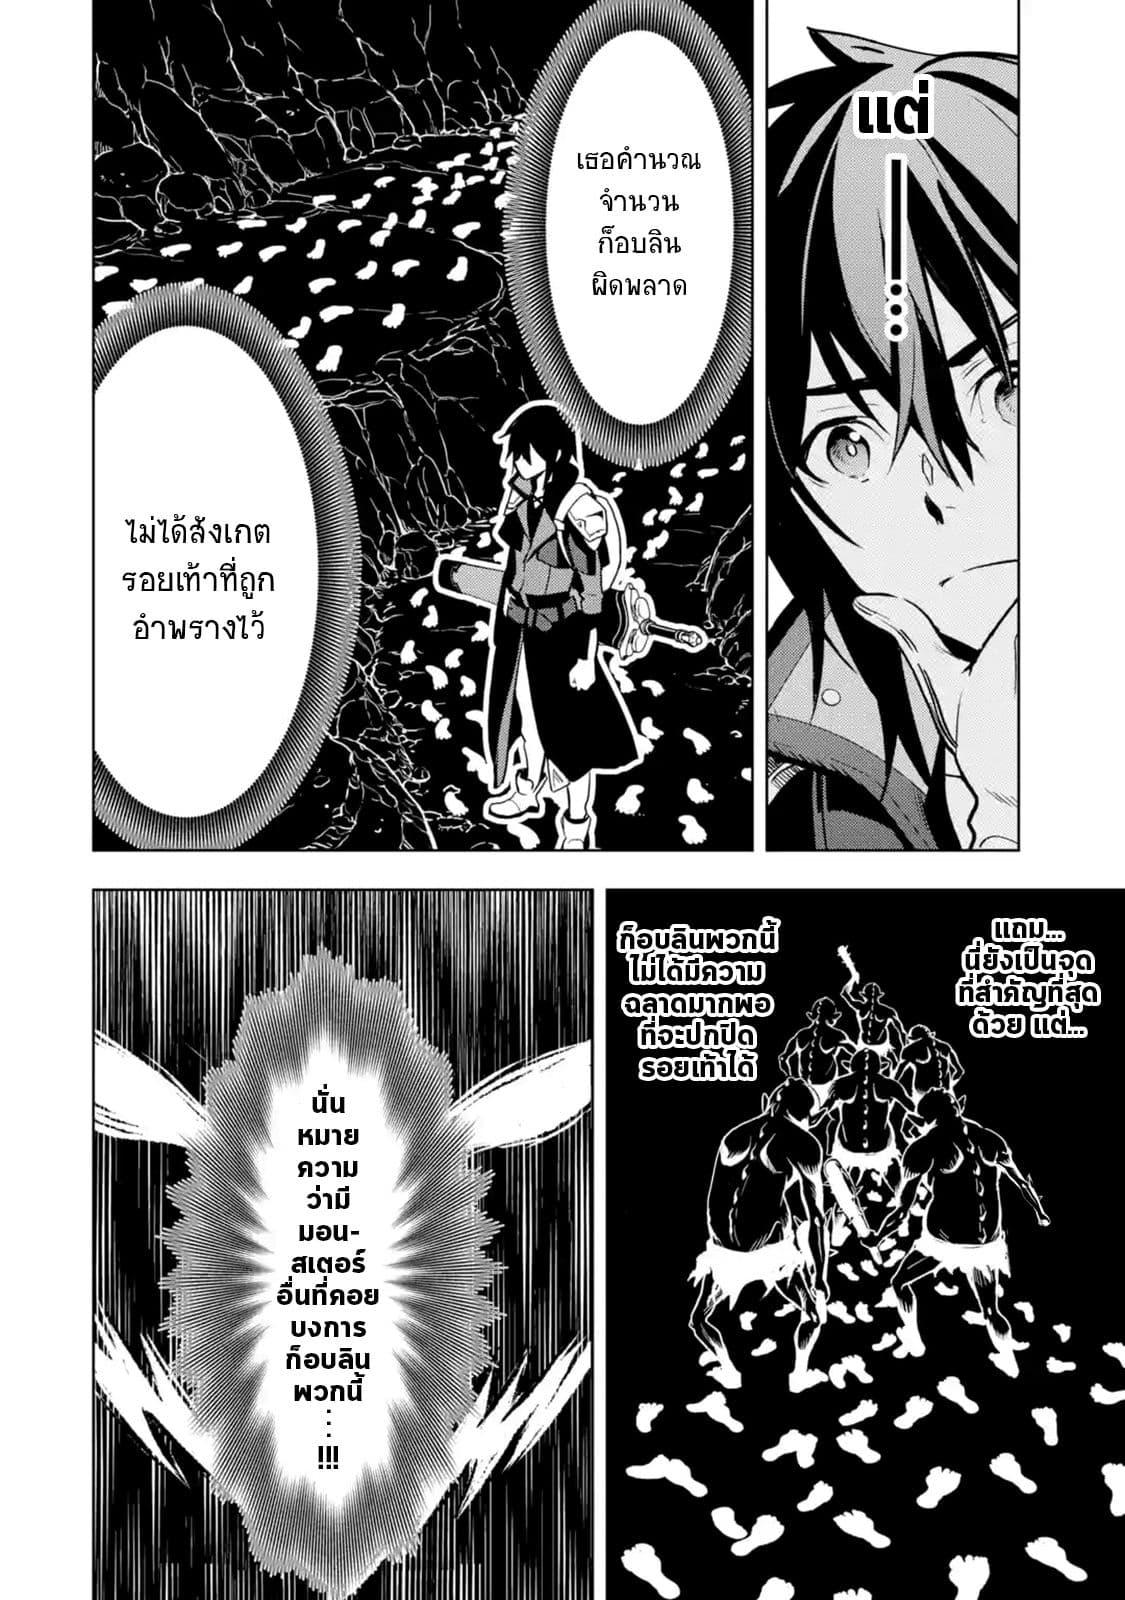 อ่านการ์ตูน Koko wa Ore ni Makasete Saki ni Ike to Itte kara 10 Nen ga Tattara Densetsu ni Natteita ตอนที่ 2 หน้าที่ 25